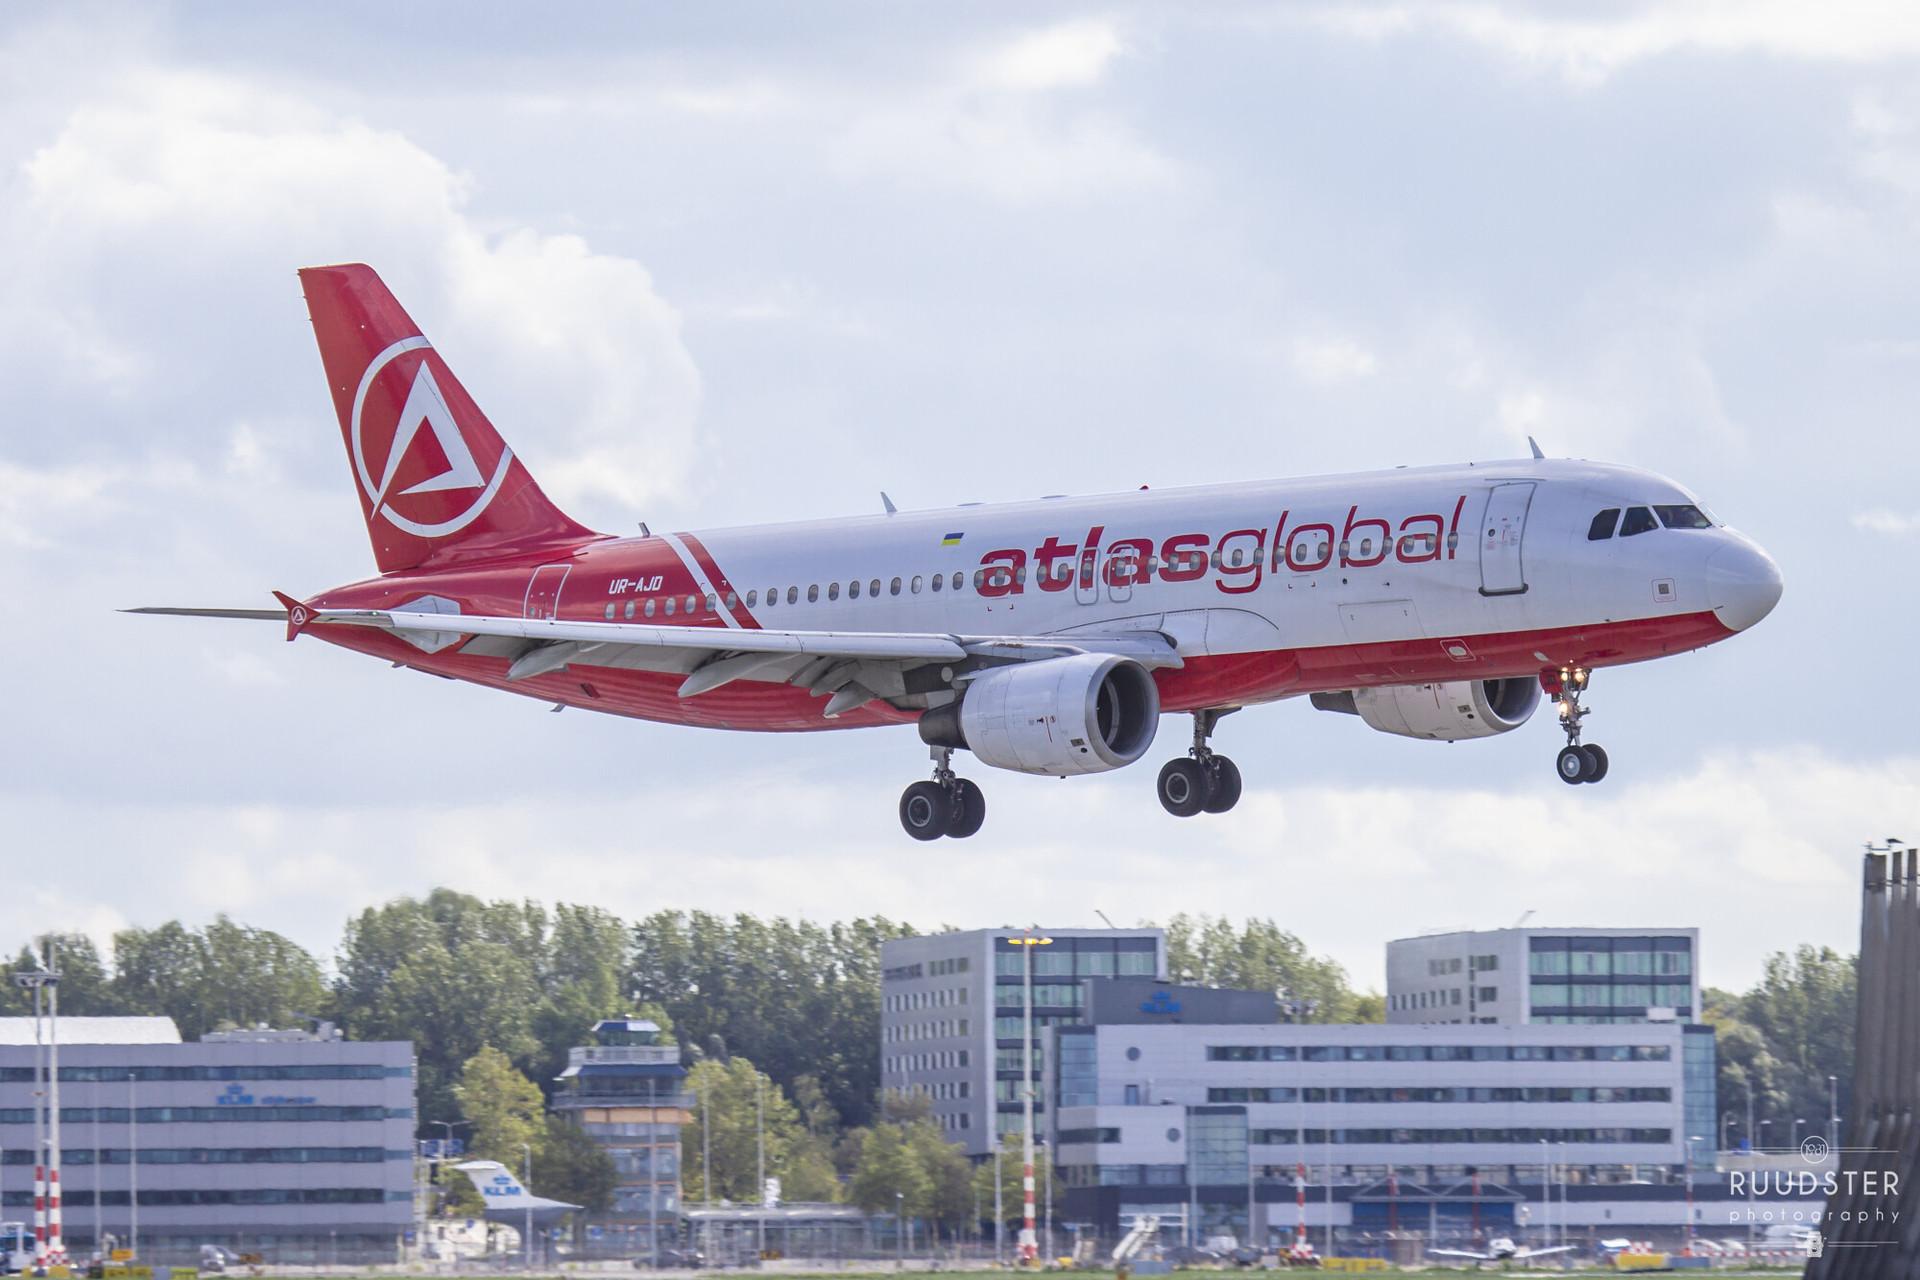 UR-AJD   Build: 2000 - Airbus A320-214